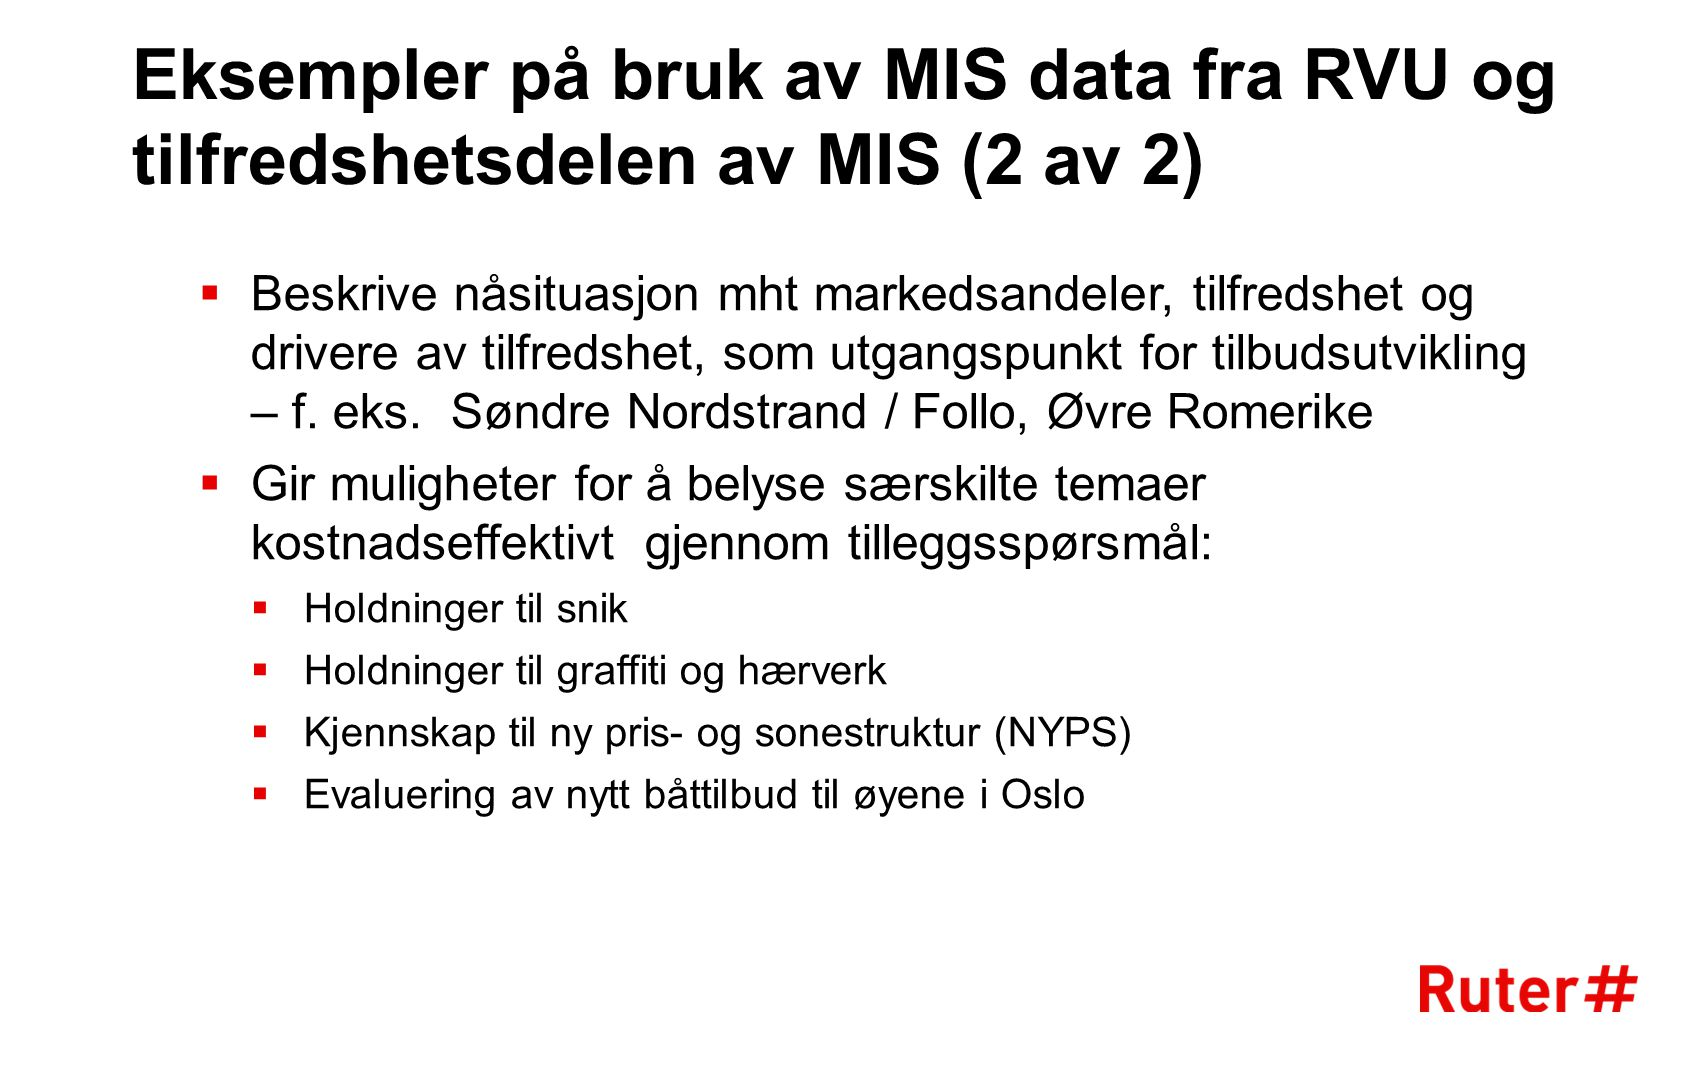 Eksempler på bruk av MIS data fra RVU og tilfredshetsdelen av MIS (2 av 2)  Beskrive nåsituasjon mht markedsandeler, tilfredshet og drivere av tilfredshet, som utgangspunkt for tilbudsutvikling – f.